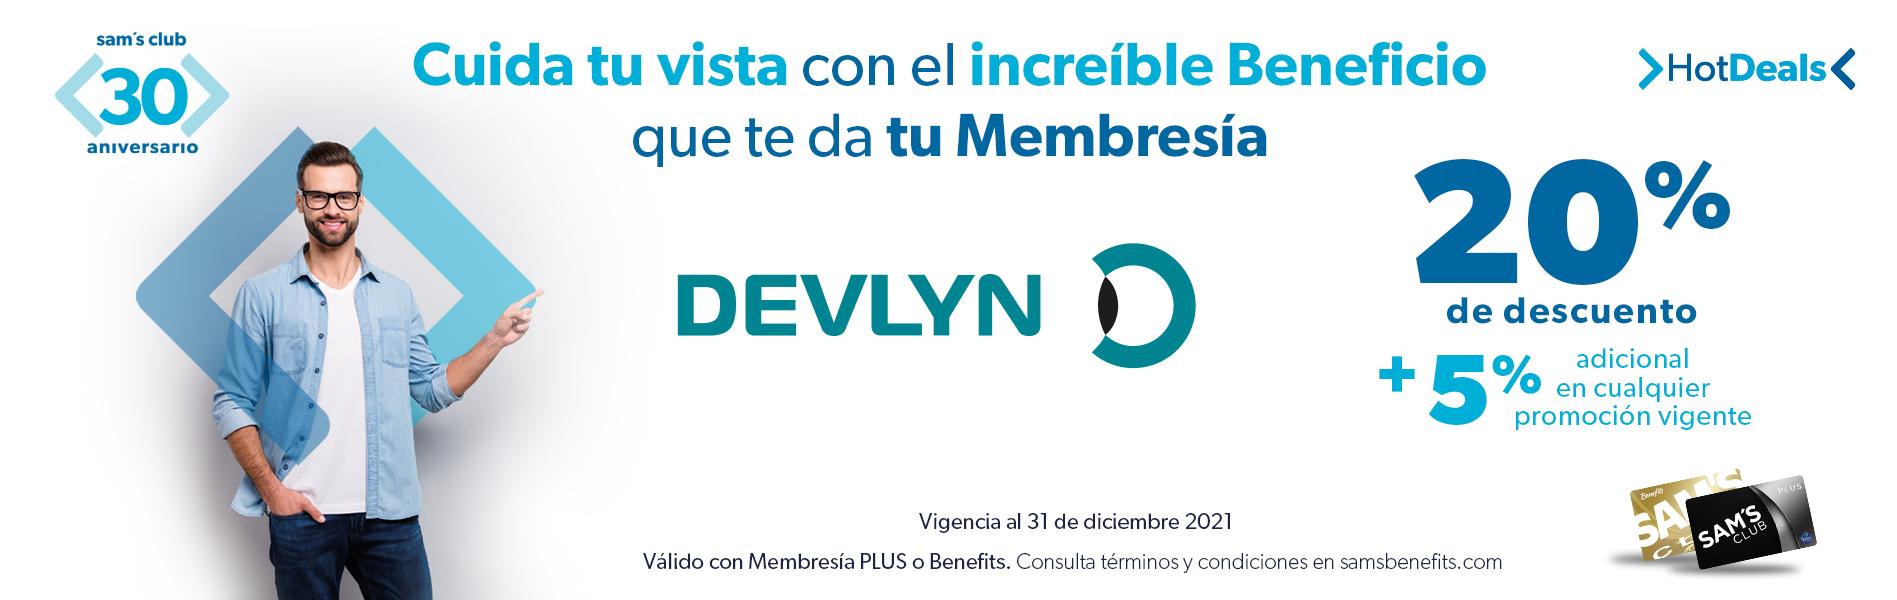 15% de descuento con cualquier forma de pago + 10% de bonificación en monedero estilo Devlyn.